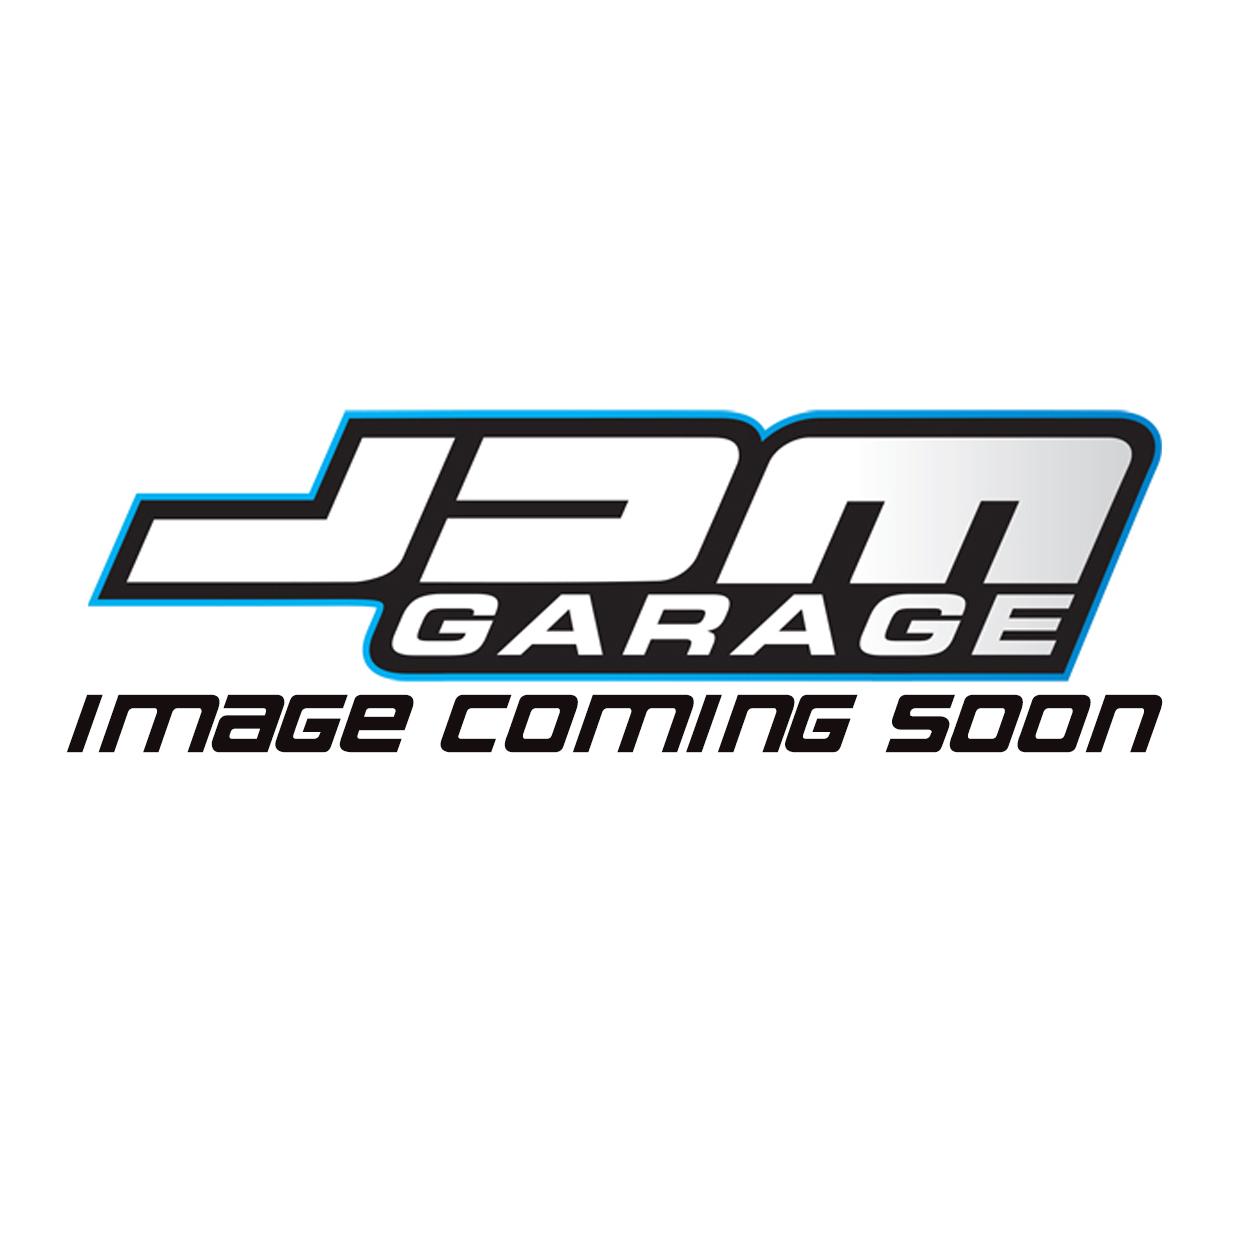 Genuine Nissan Speedometer Cable For Nissan Skyline R32 GTST GTS-4 GTR RB20DET RB26DETT 25050-05U00